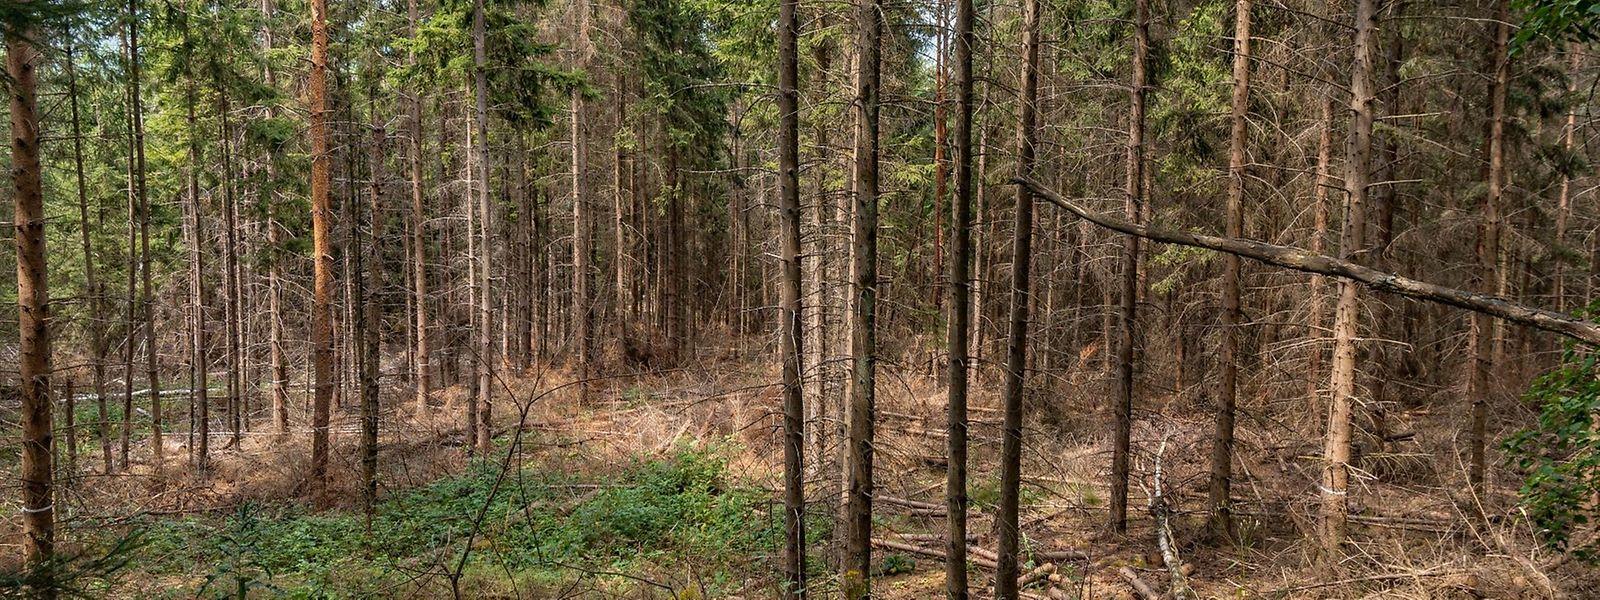 L'inventaire phytosanitaire réalisé cet été dans les forêts montre que seuls 13,4 % de tous les arbres sont sains, contre encore 31,8 % l'an passé.